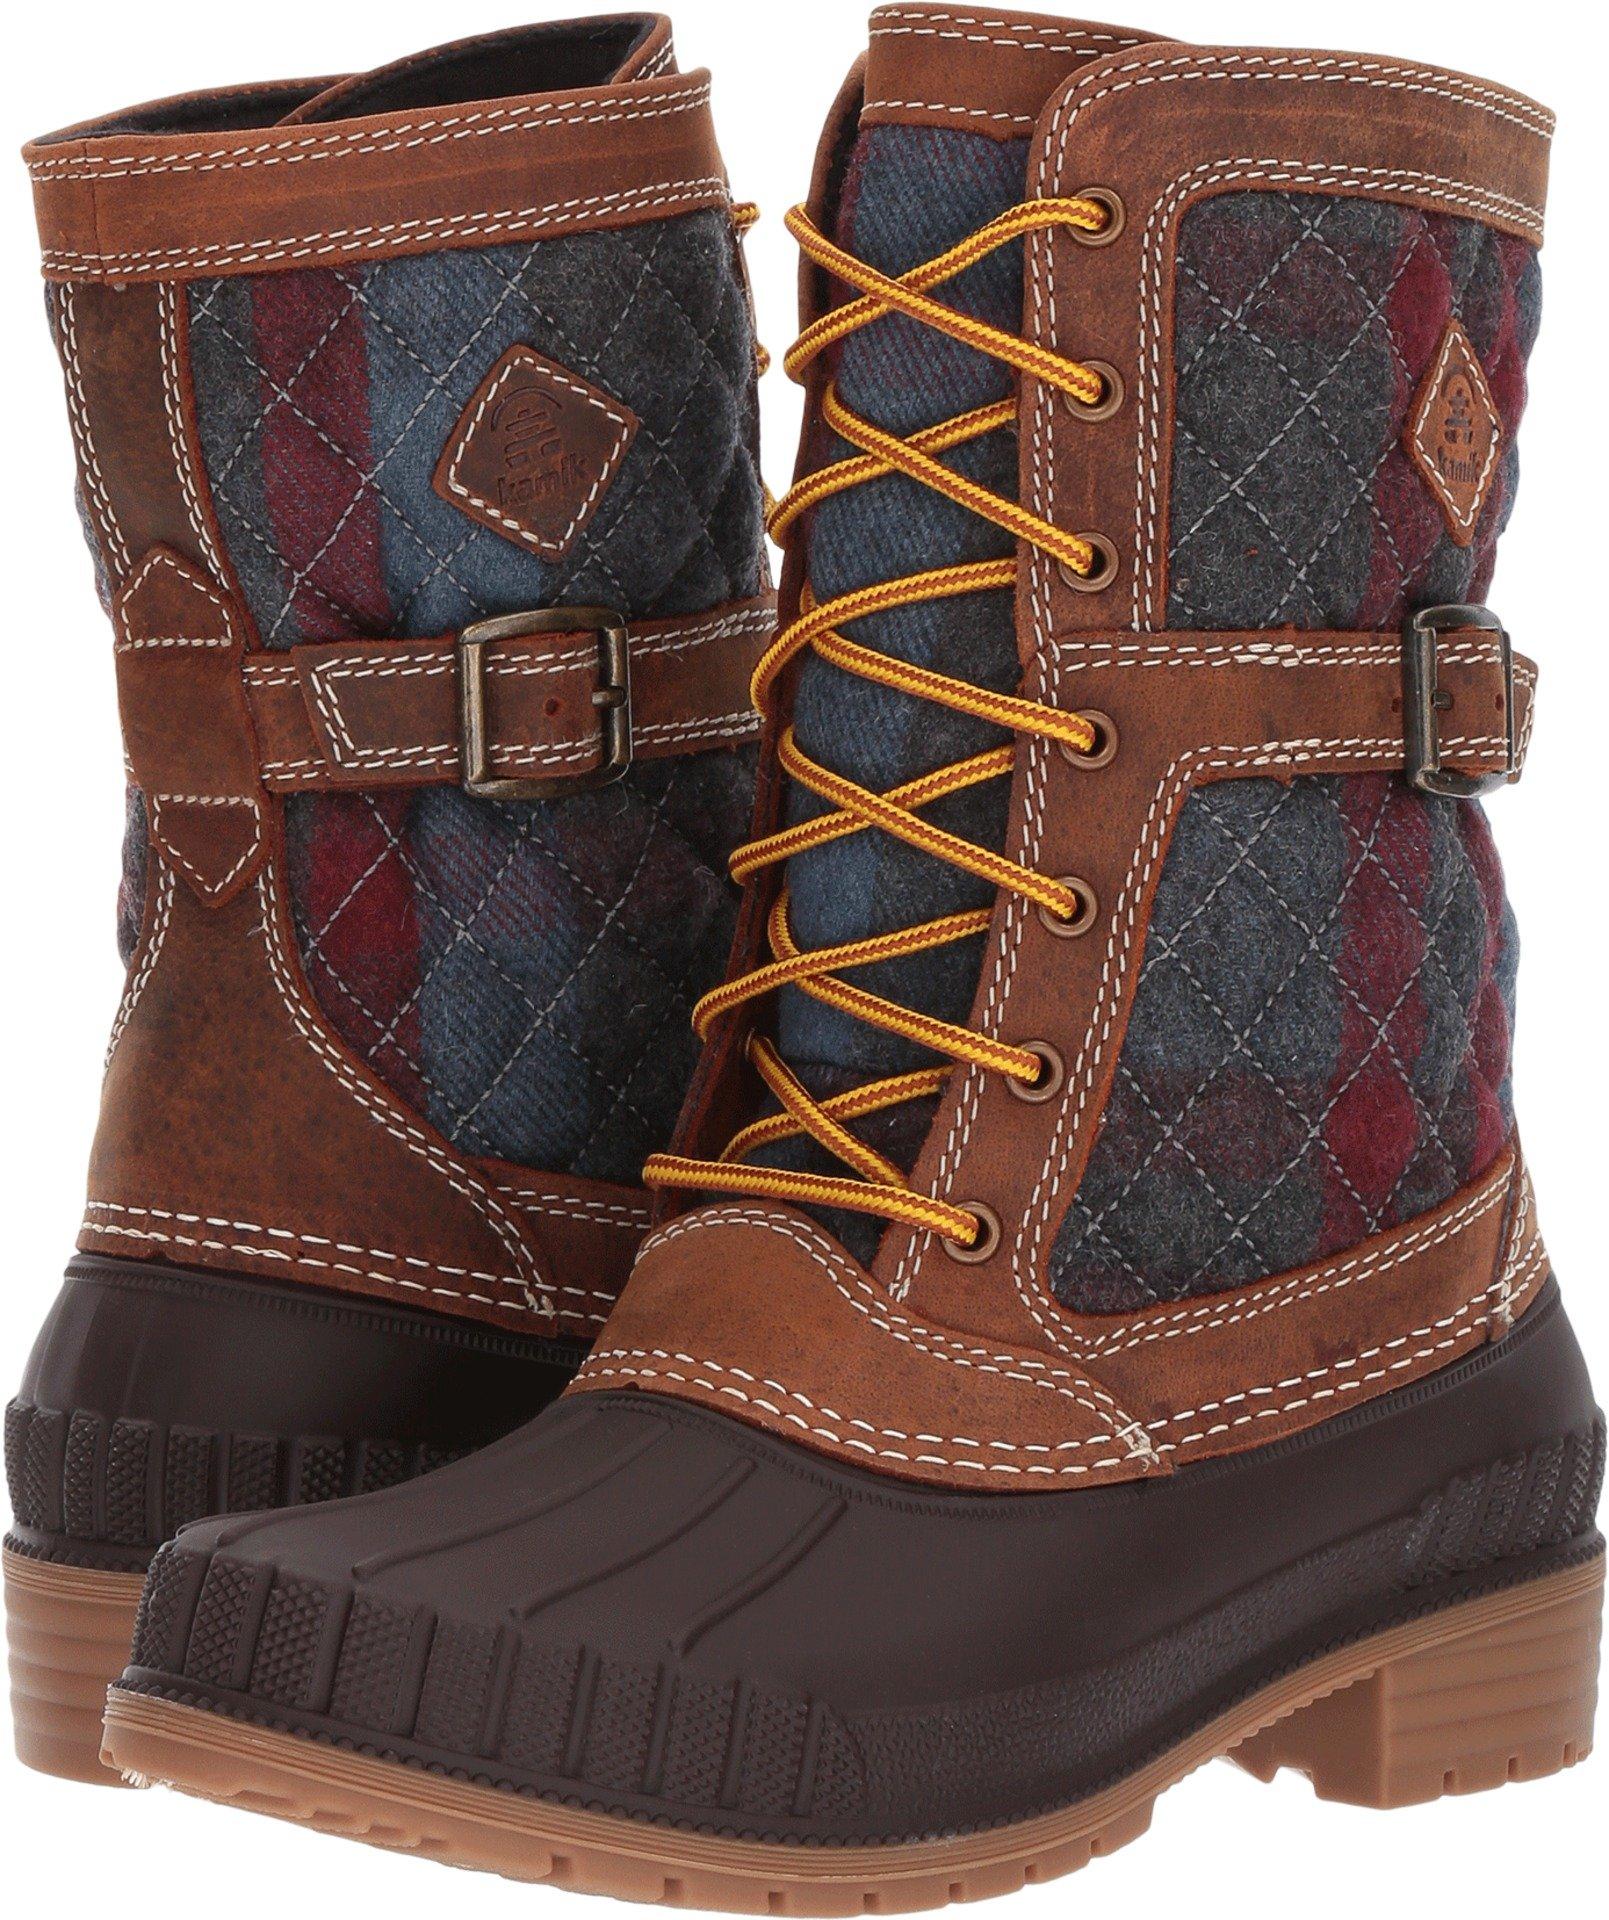 Kamik Women's Sienna Waterproof Winter Boot Brown 7 M US